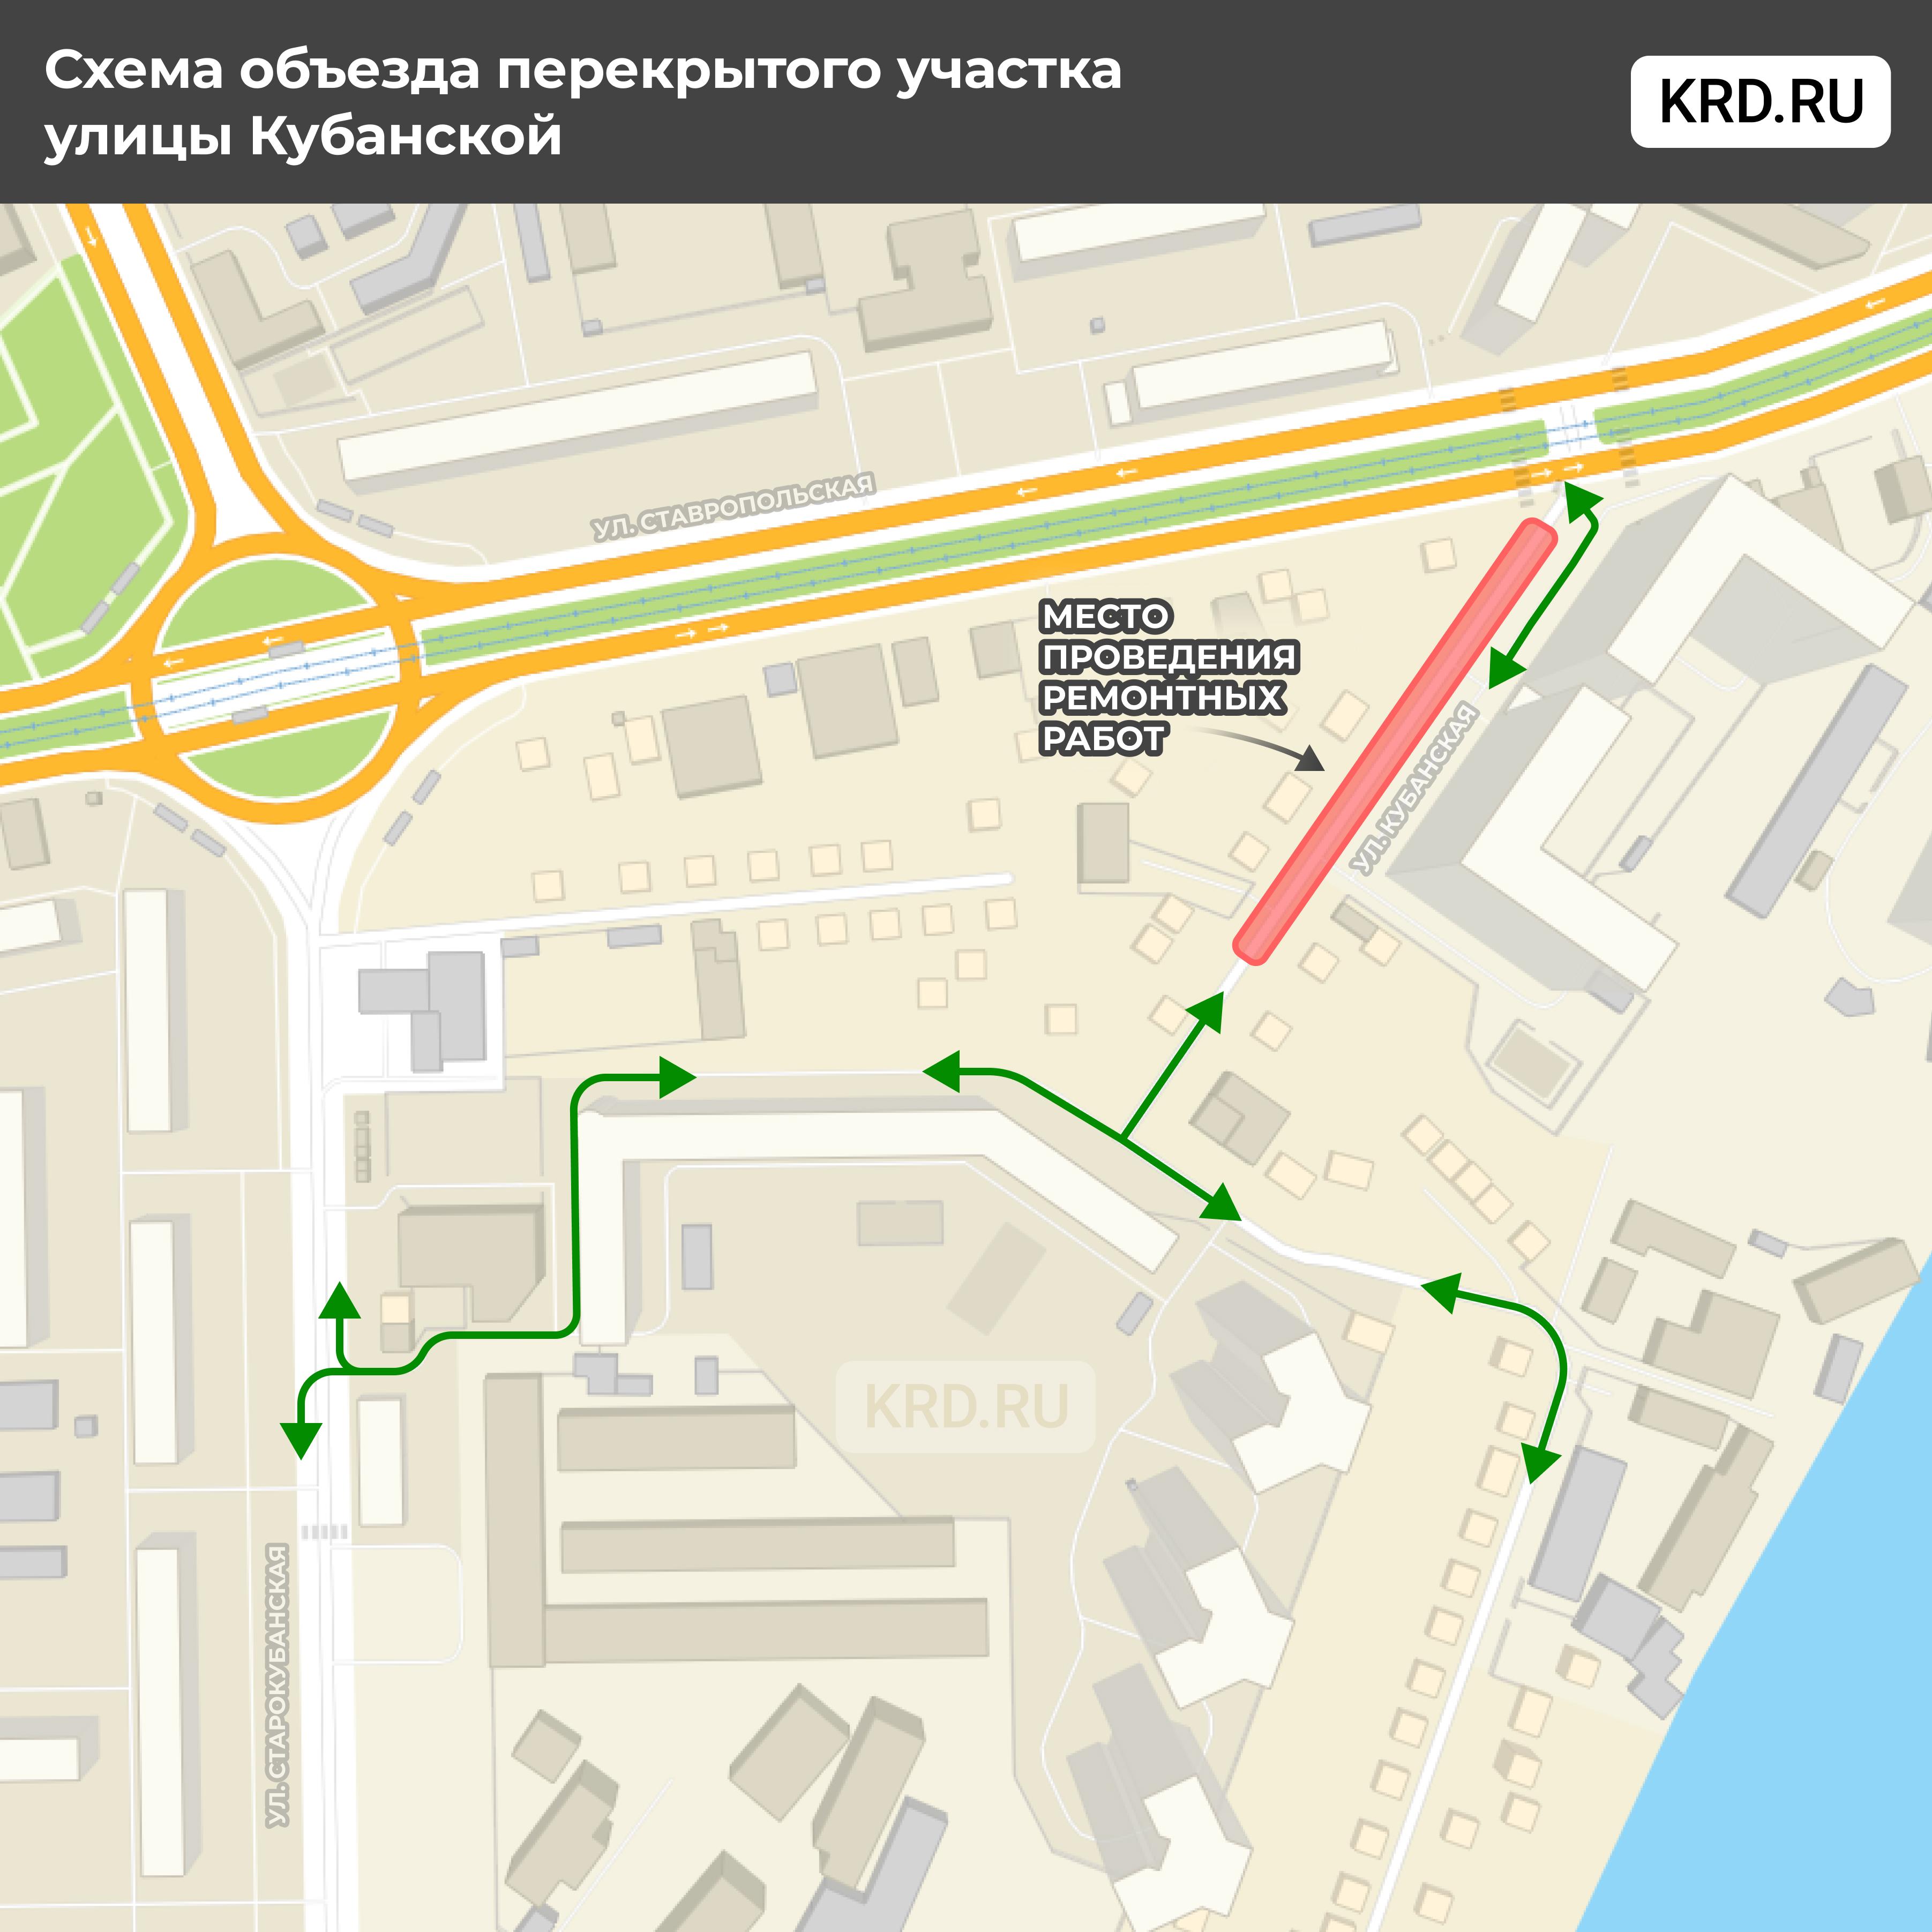 Kubanskaya Shema В Краснодаре в этом году заменят 1,2 км магистрали «ТЭЦ-Центр города»